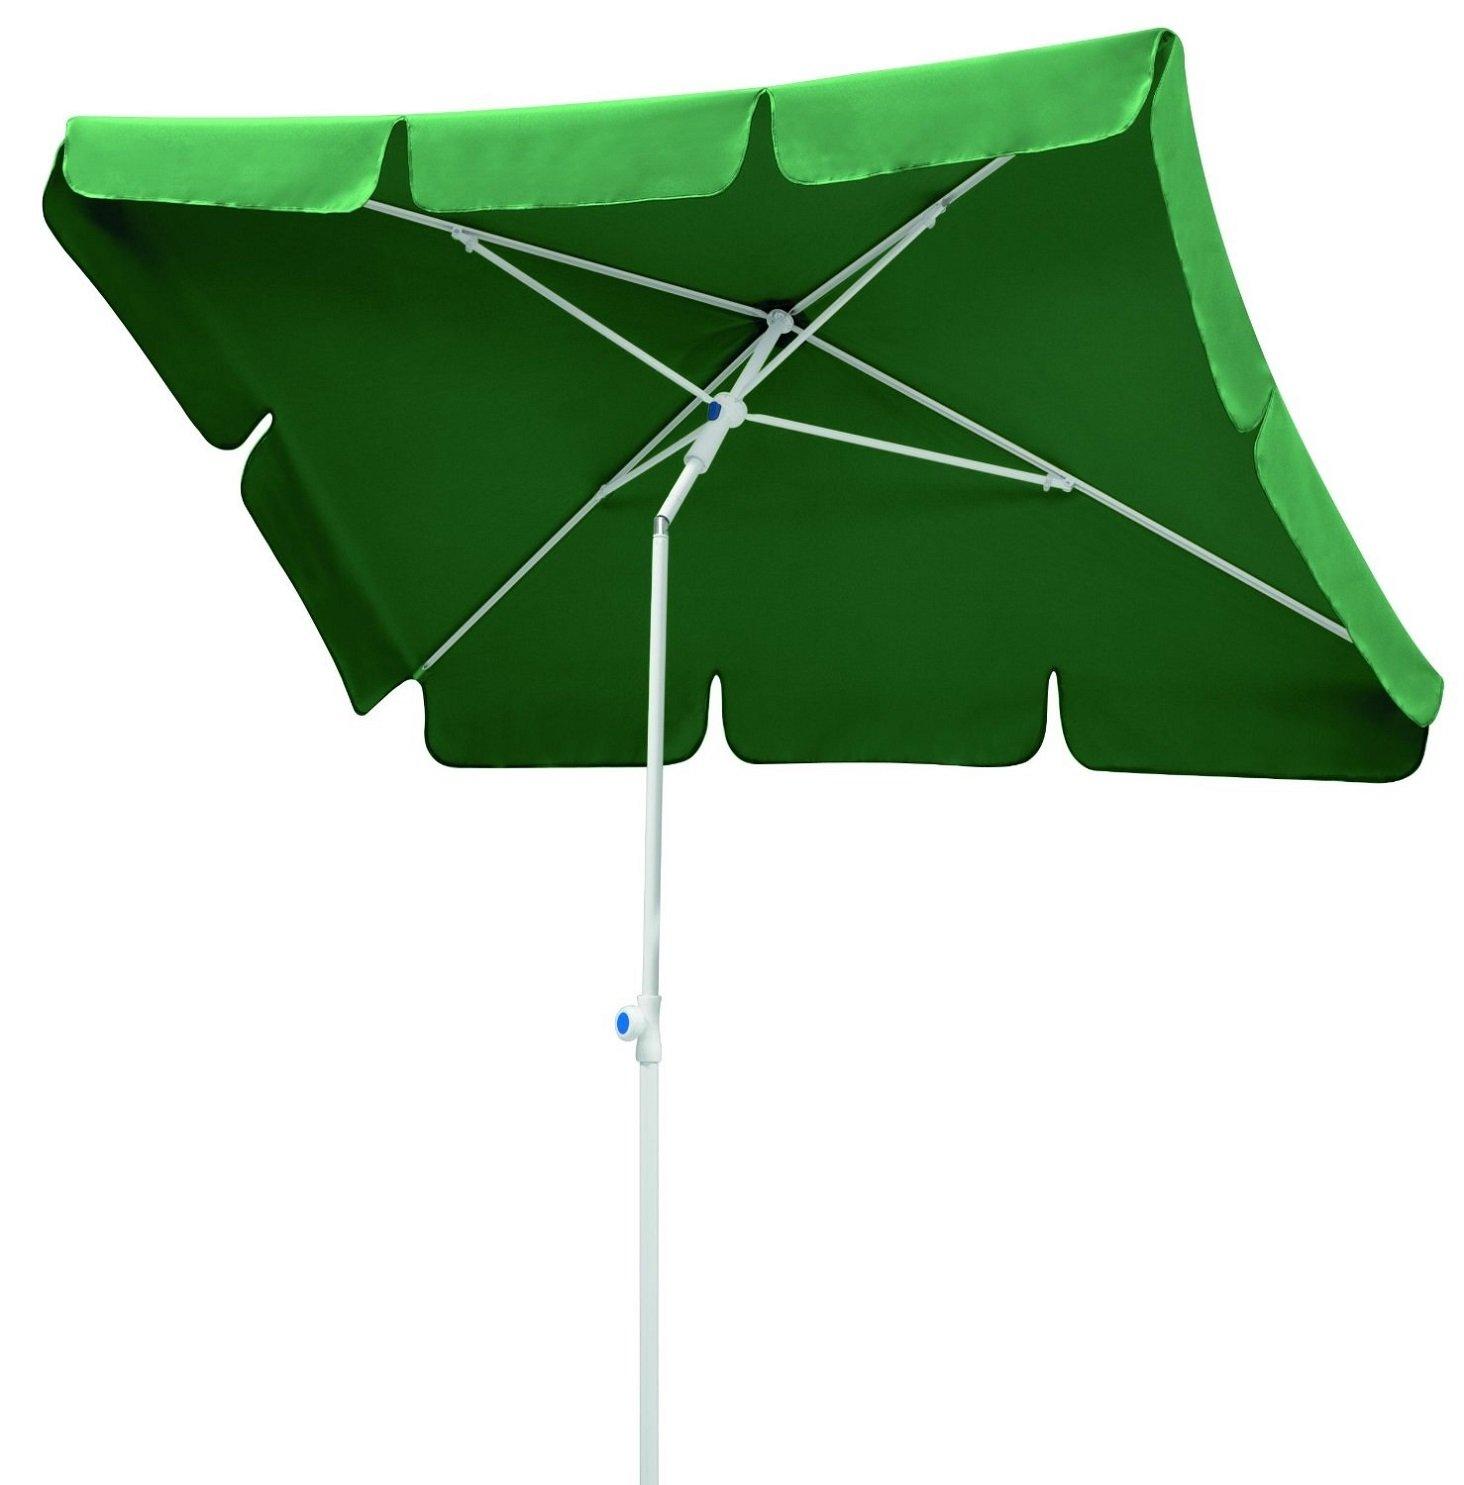 """Schneider Gartenschirm """"Monza 180×120"""" in dunkelgrün, perfekt auch für den Balkon günstig online kaufen"""